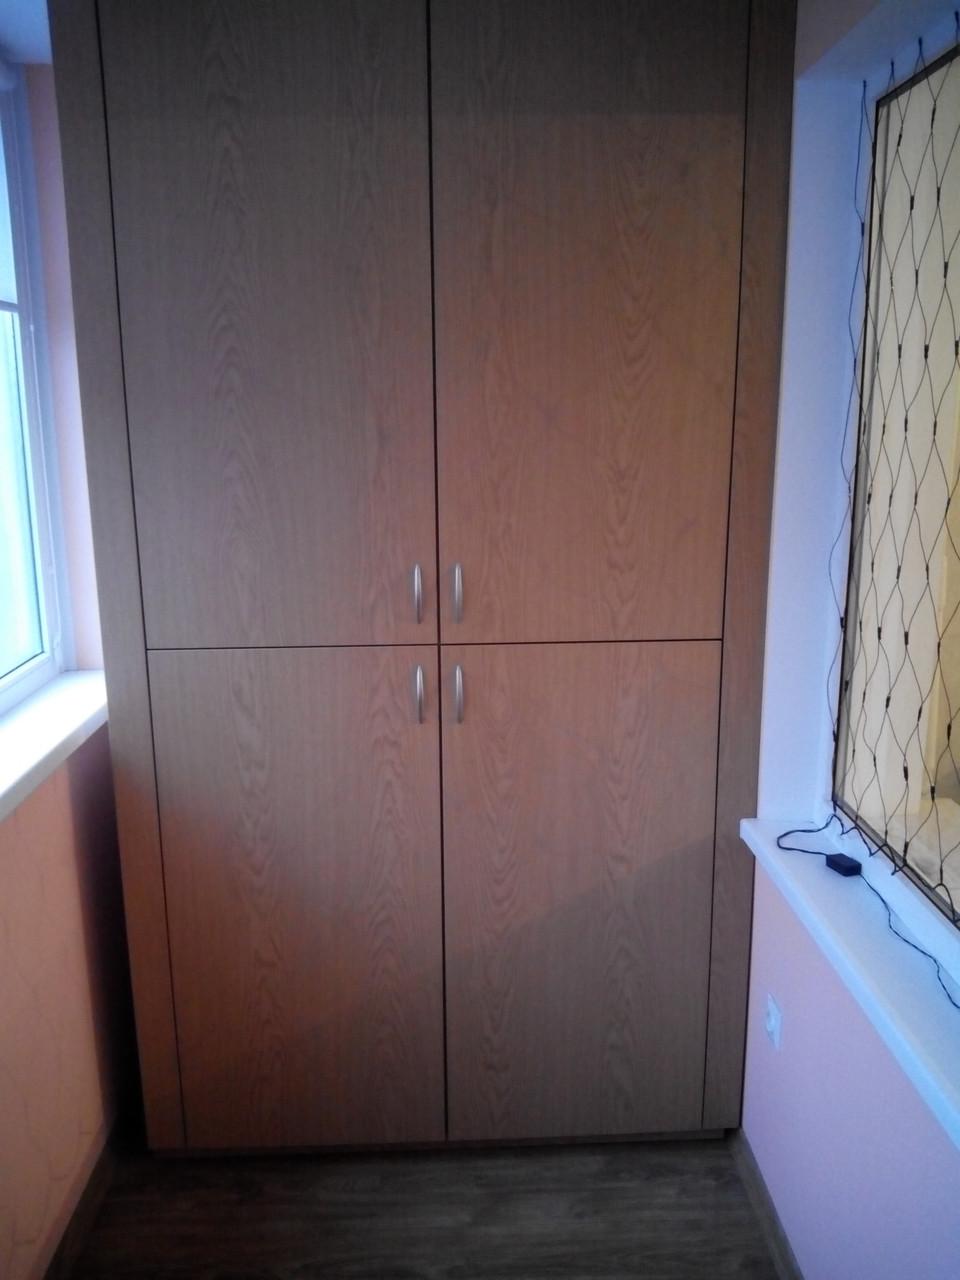 Шкафы на балкон,лоджии., цена 4 000 грн., купить в запорожье.